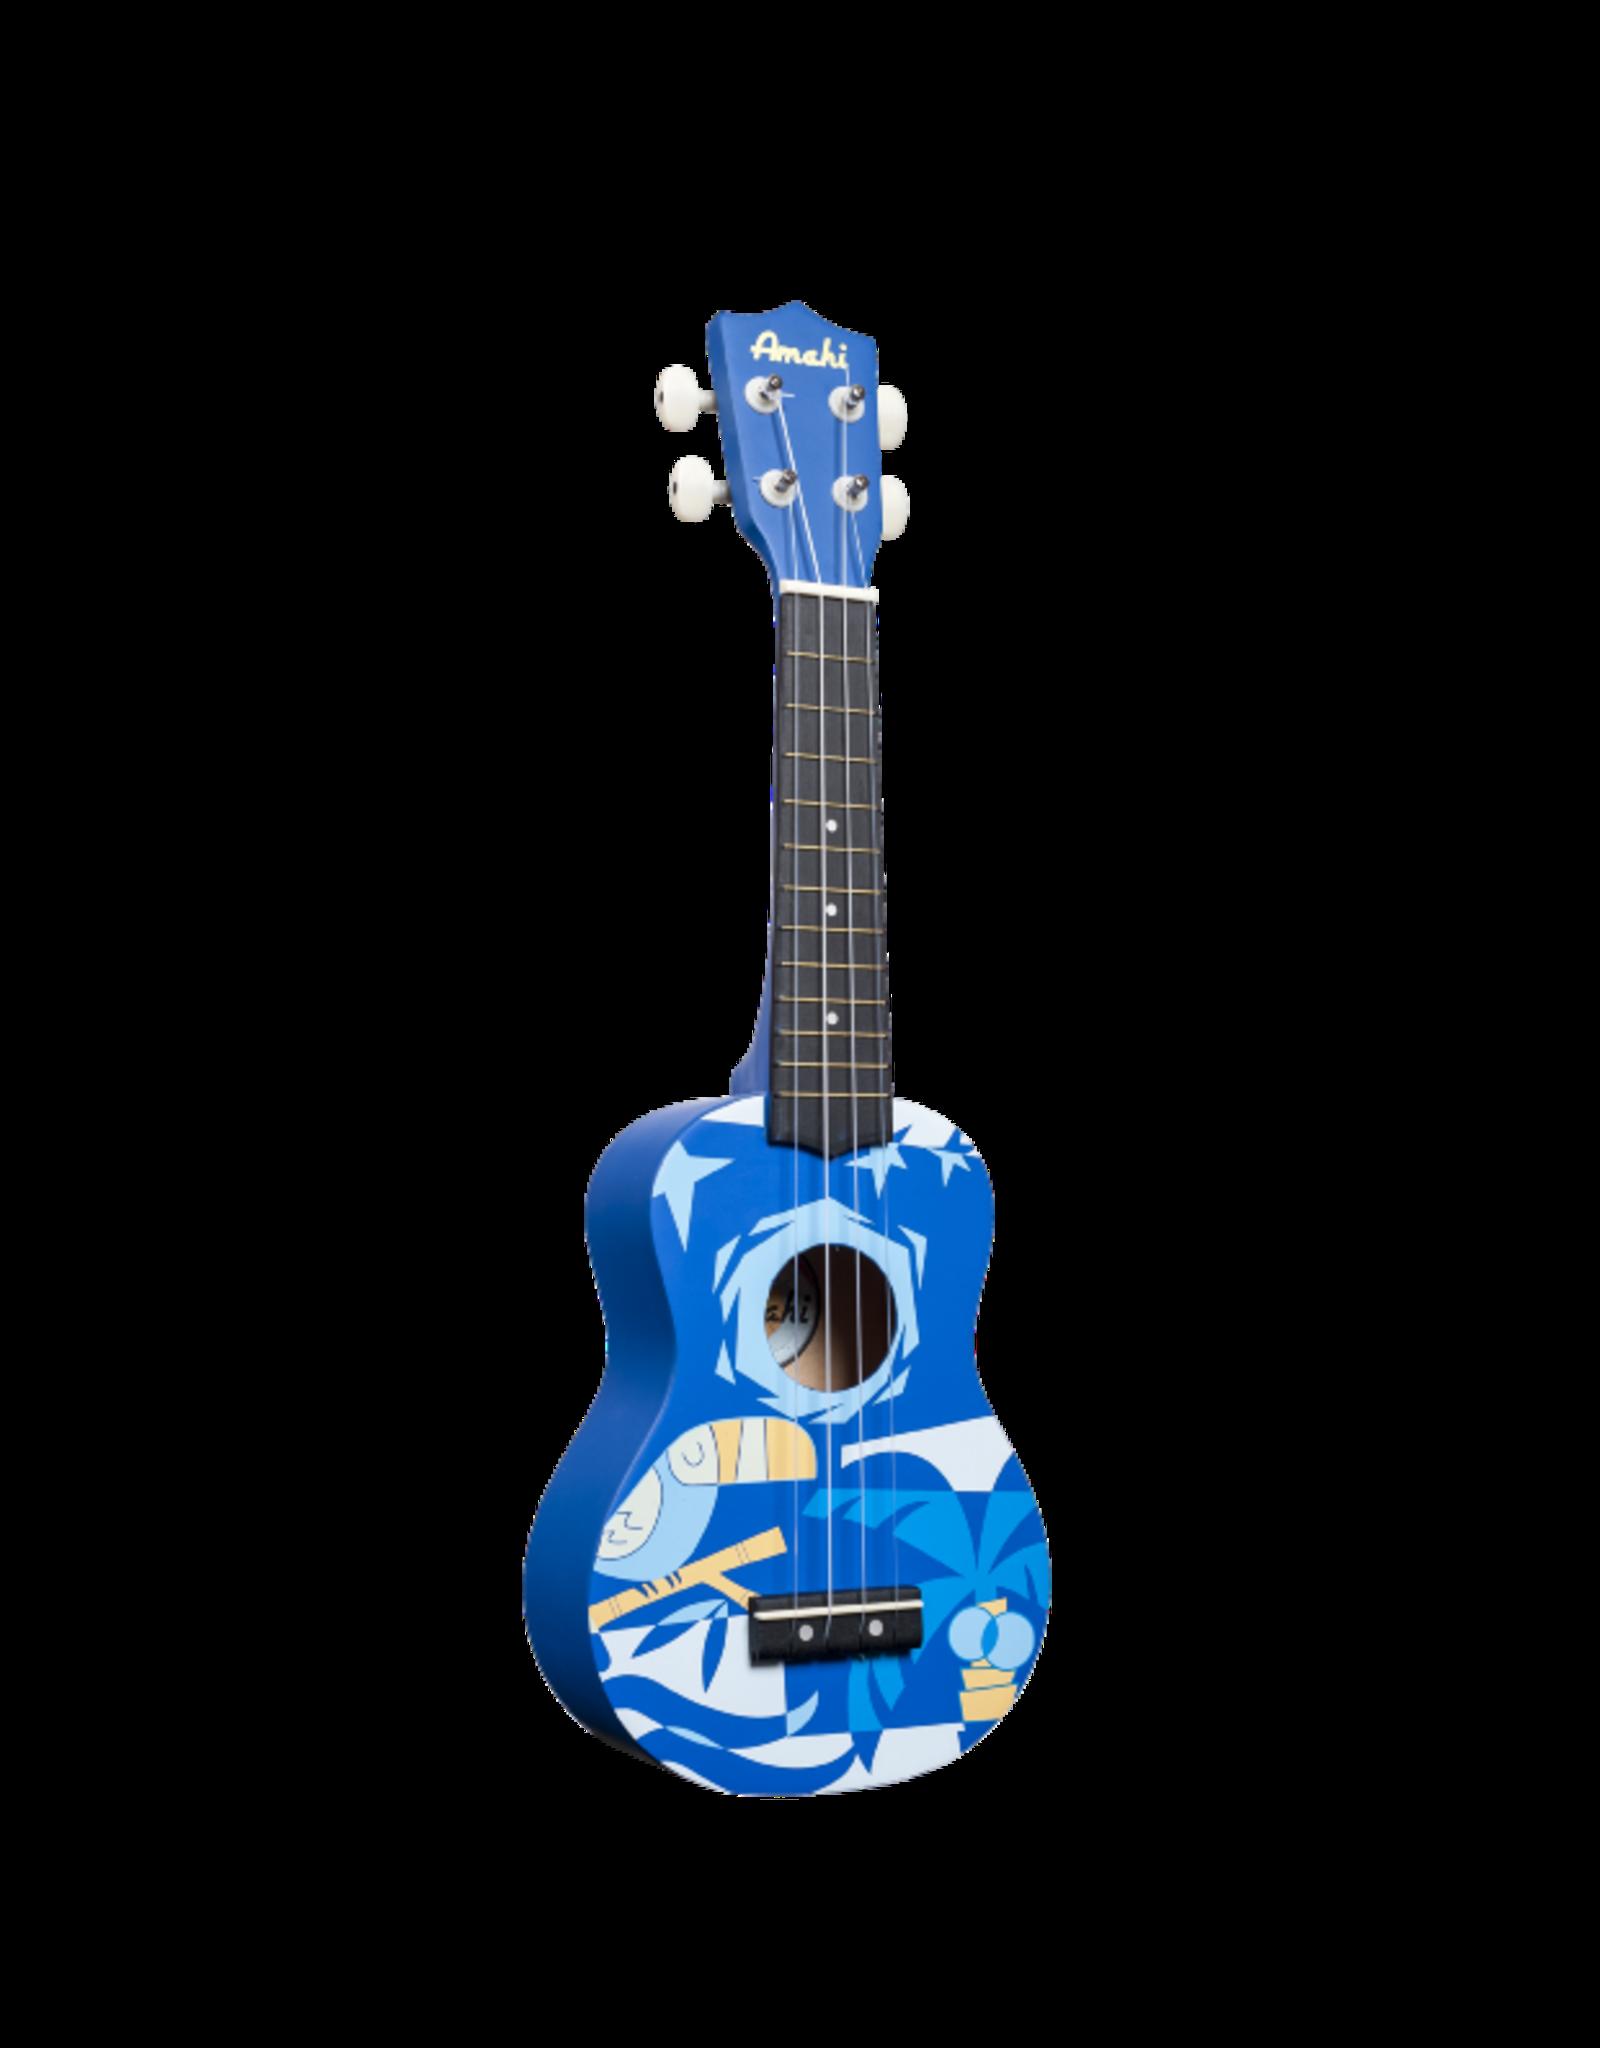 Amahi Amahi Blue Bird Soprano Ukulele